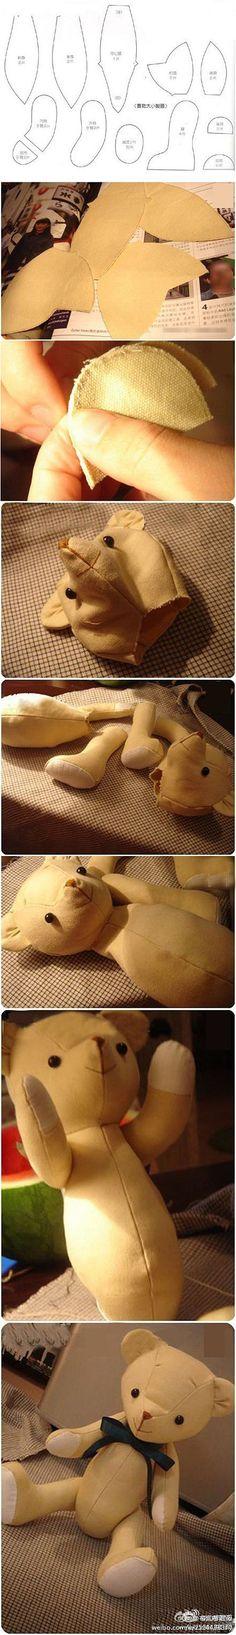 Teddy bear to do so!